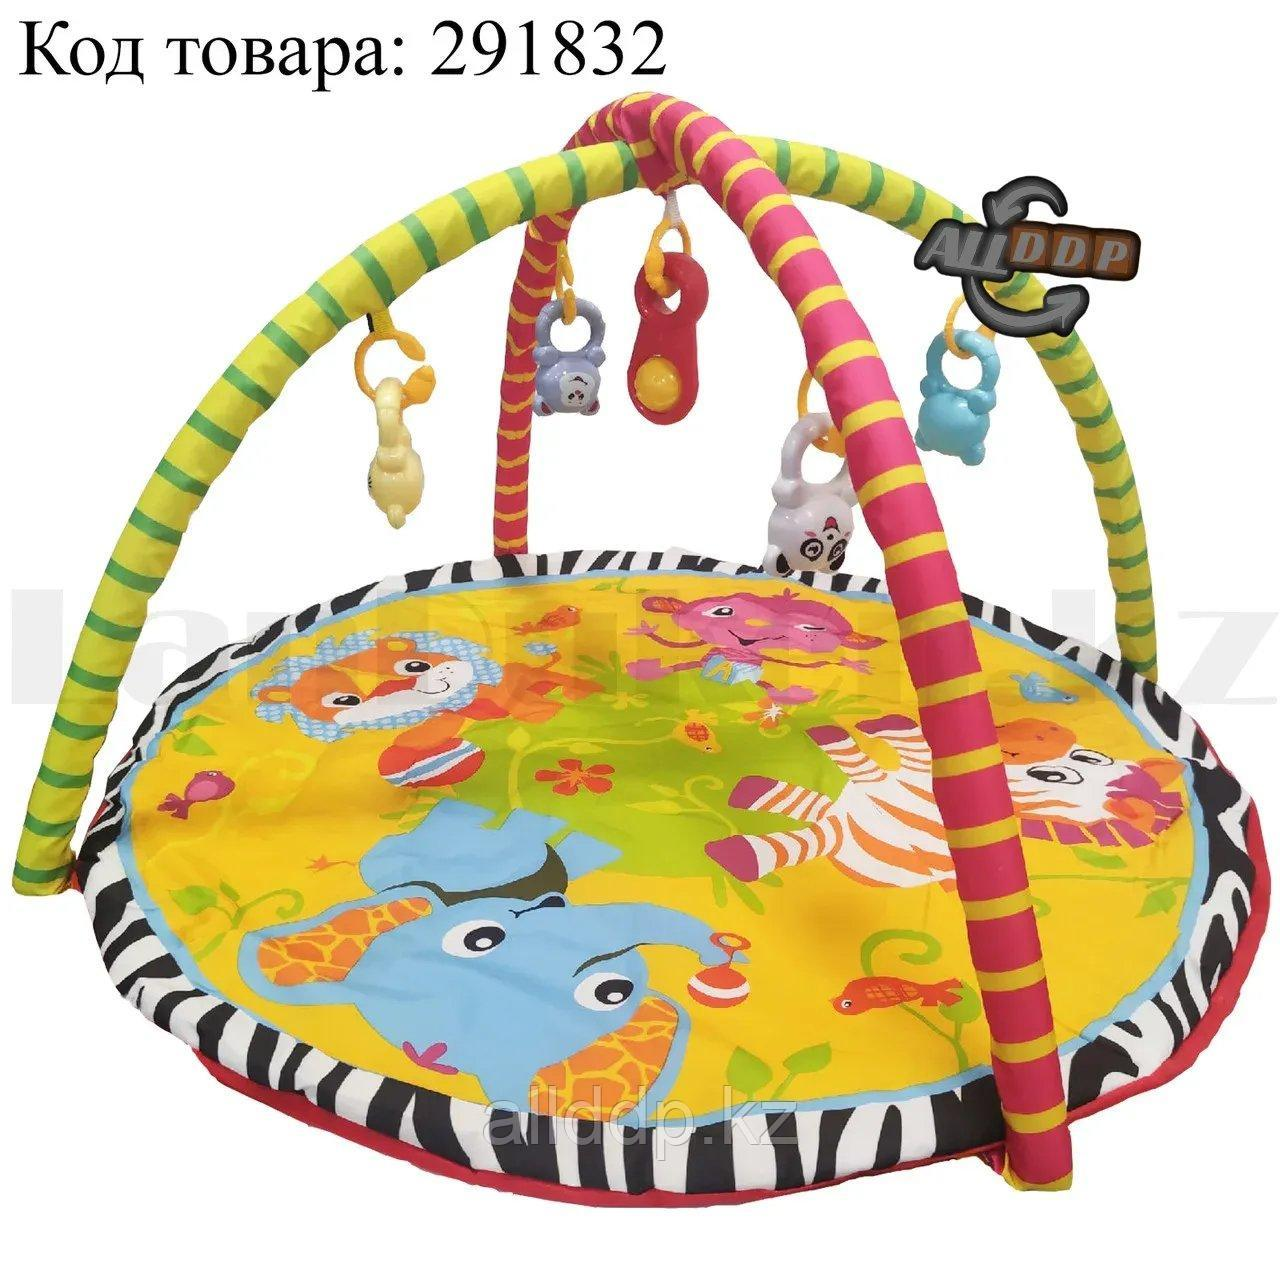 Развивающий коврик для малышей 56х85 см